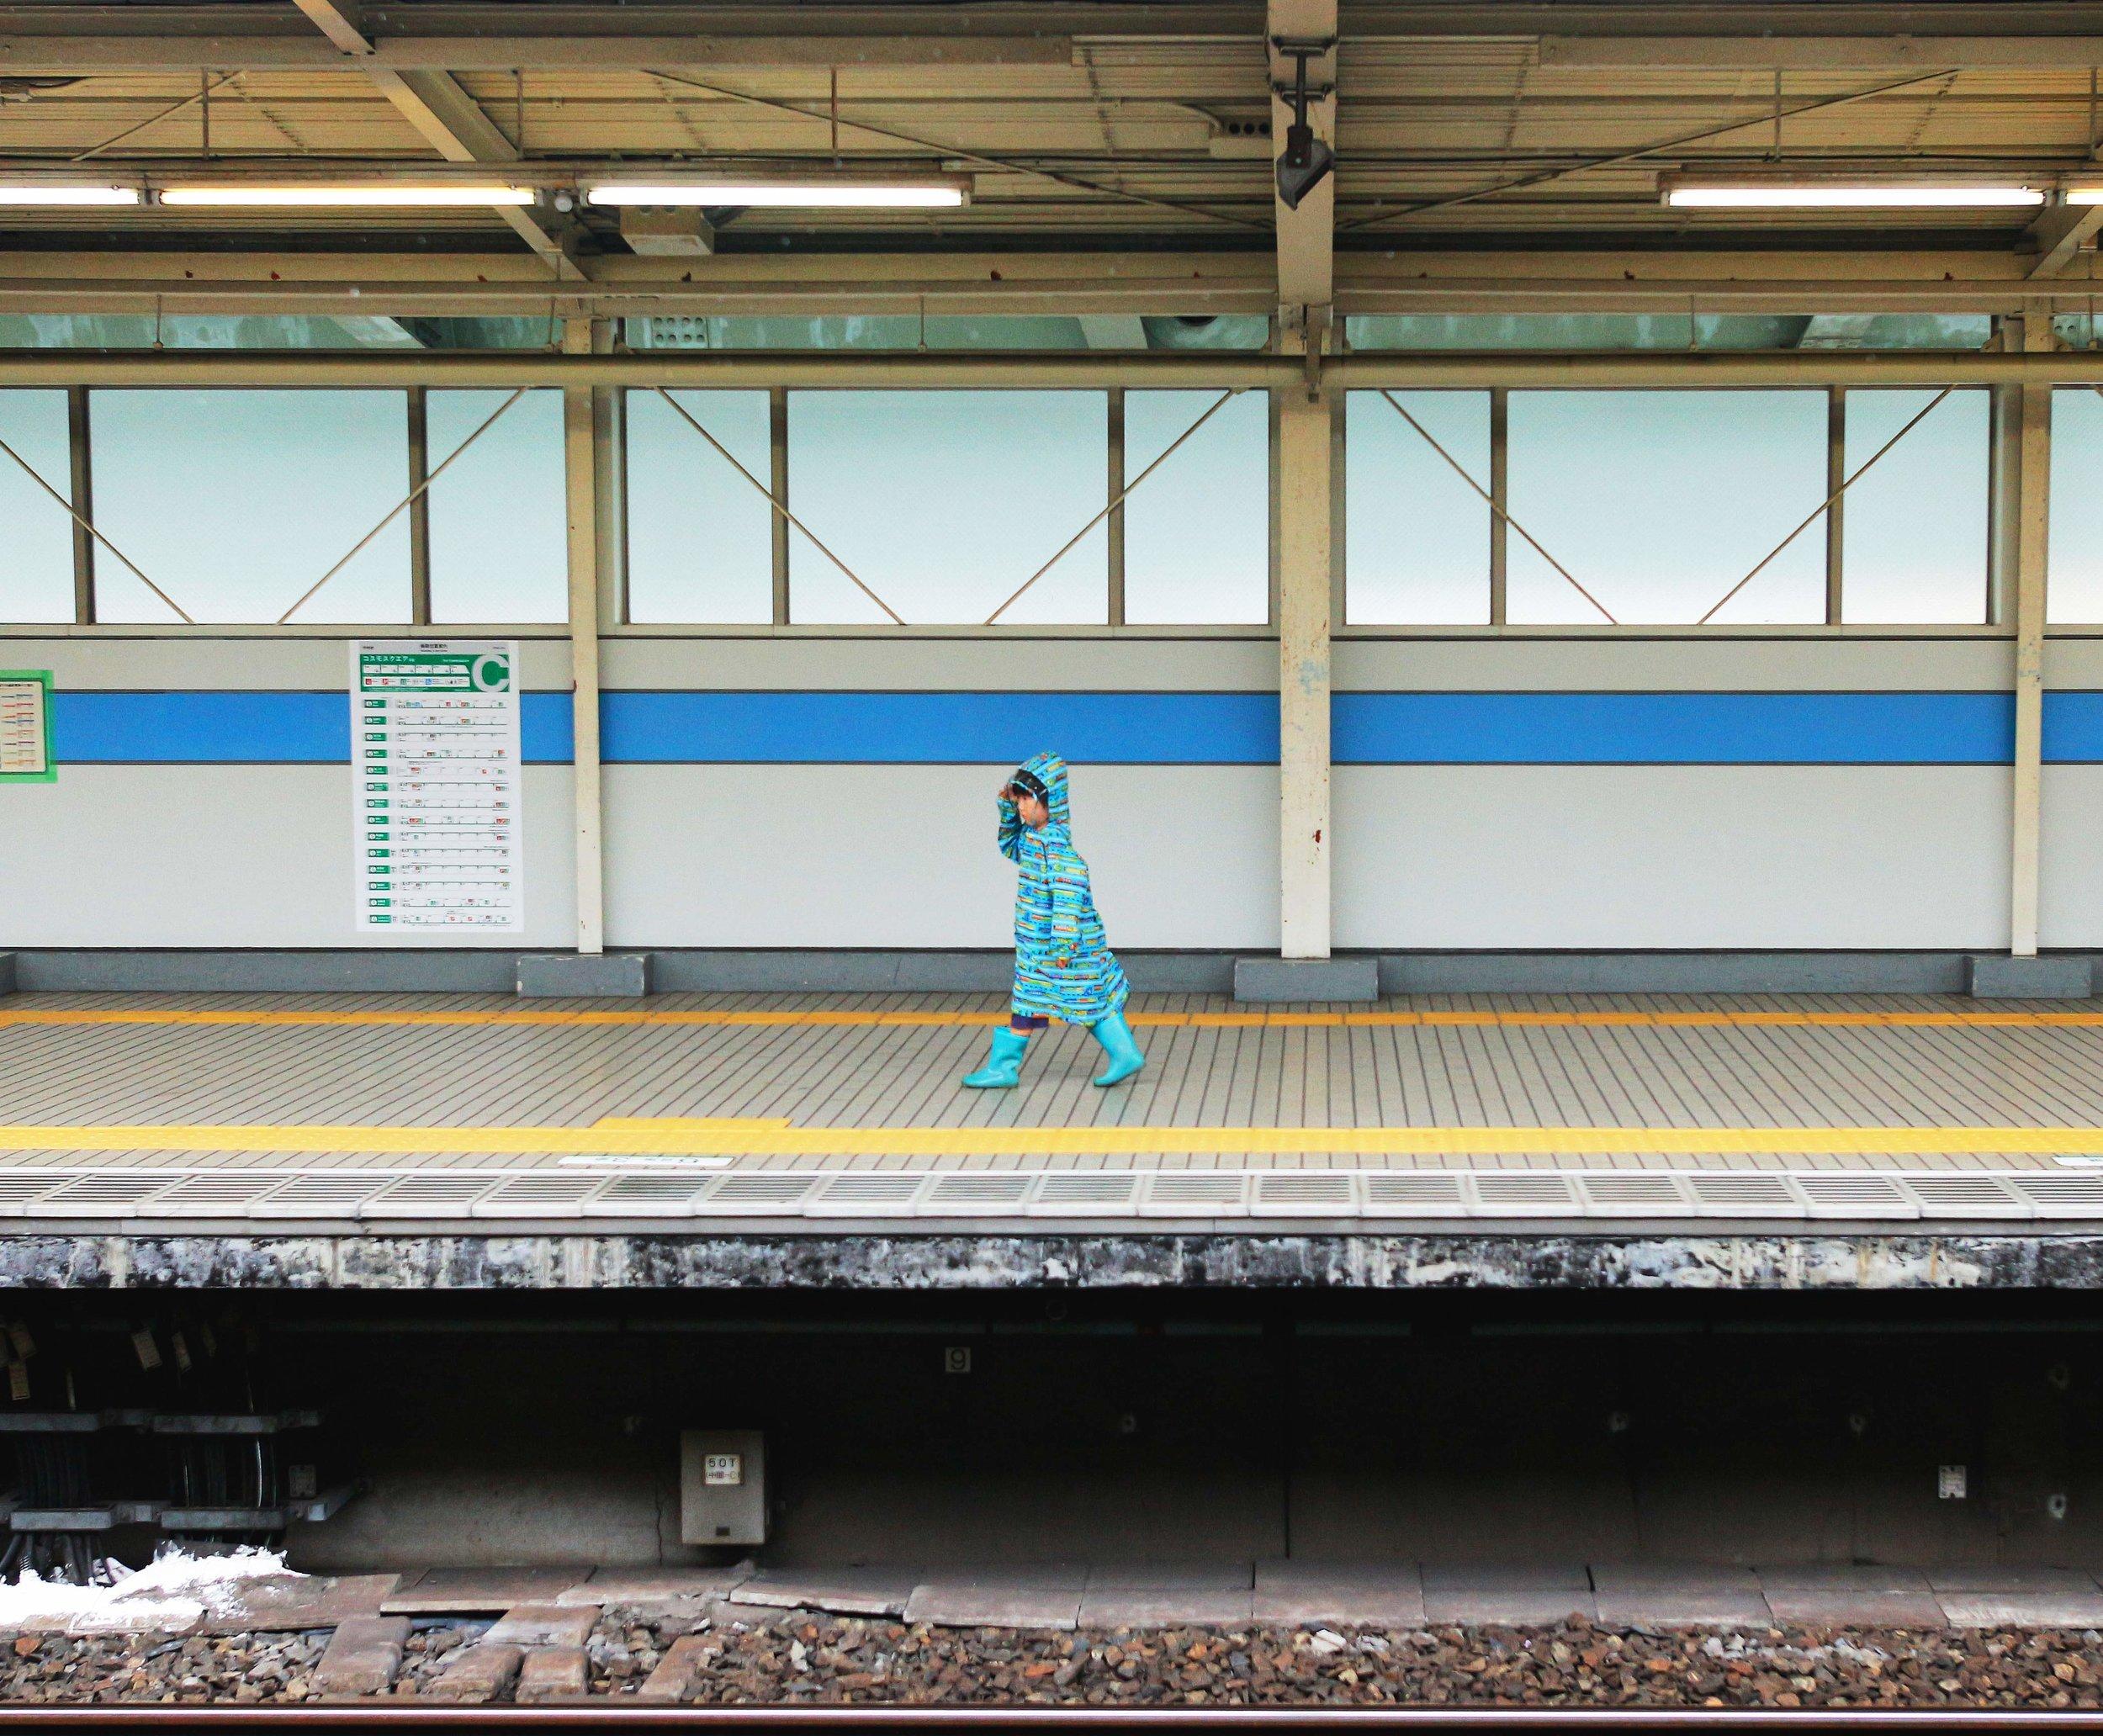 haightspace_Koji-Station_Osaka_Japan_MG_4982_web.jpg